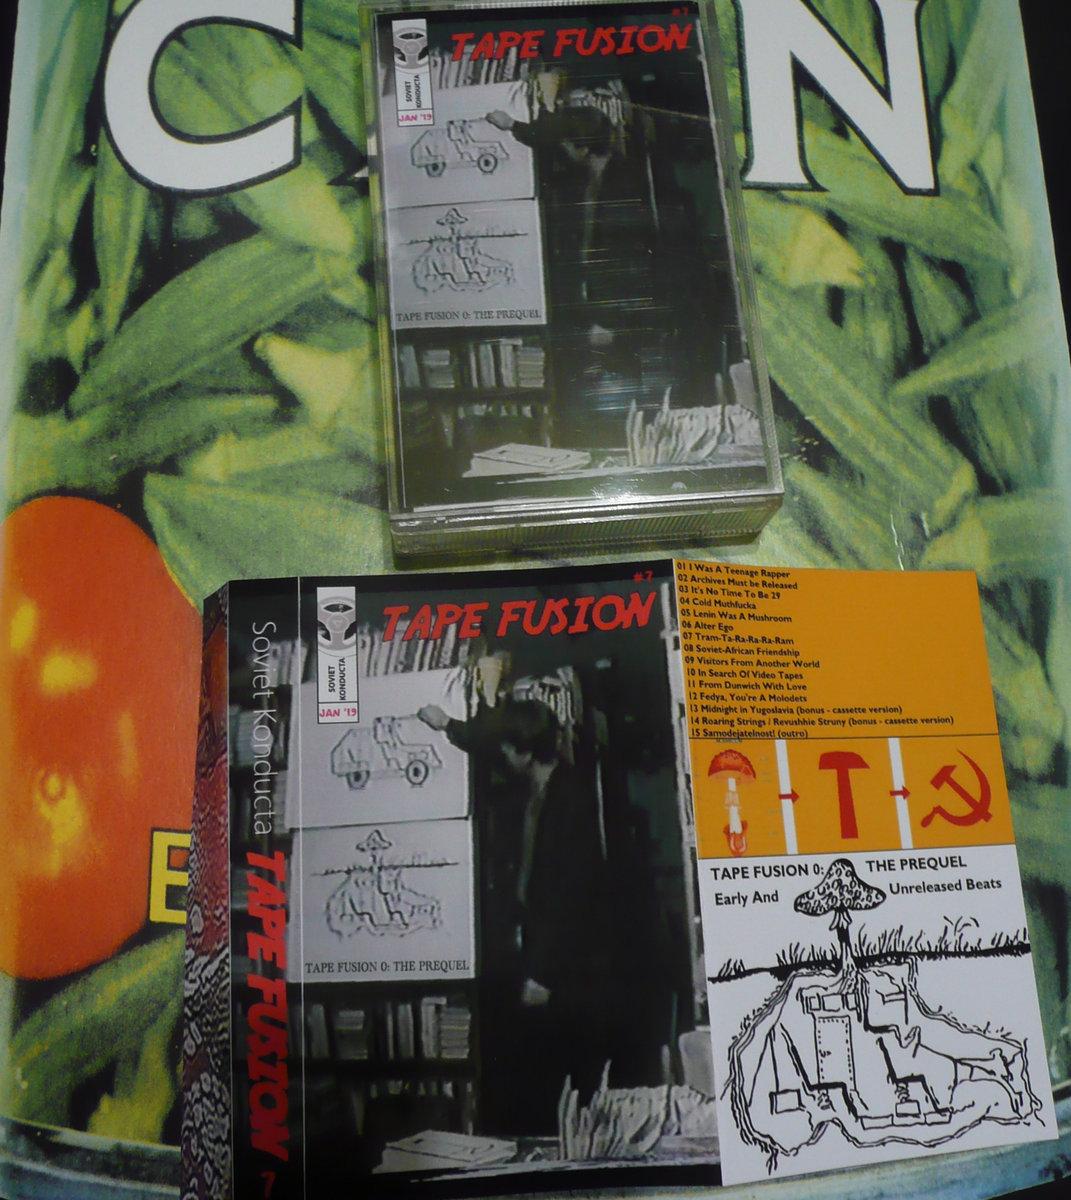 Free Download: Soviet Konducta – Tape Fusion #7: Tape Fusion 0 (The Prequel)